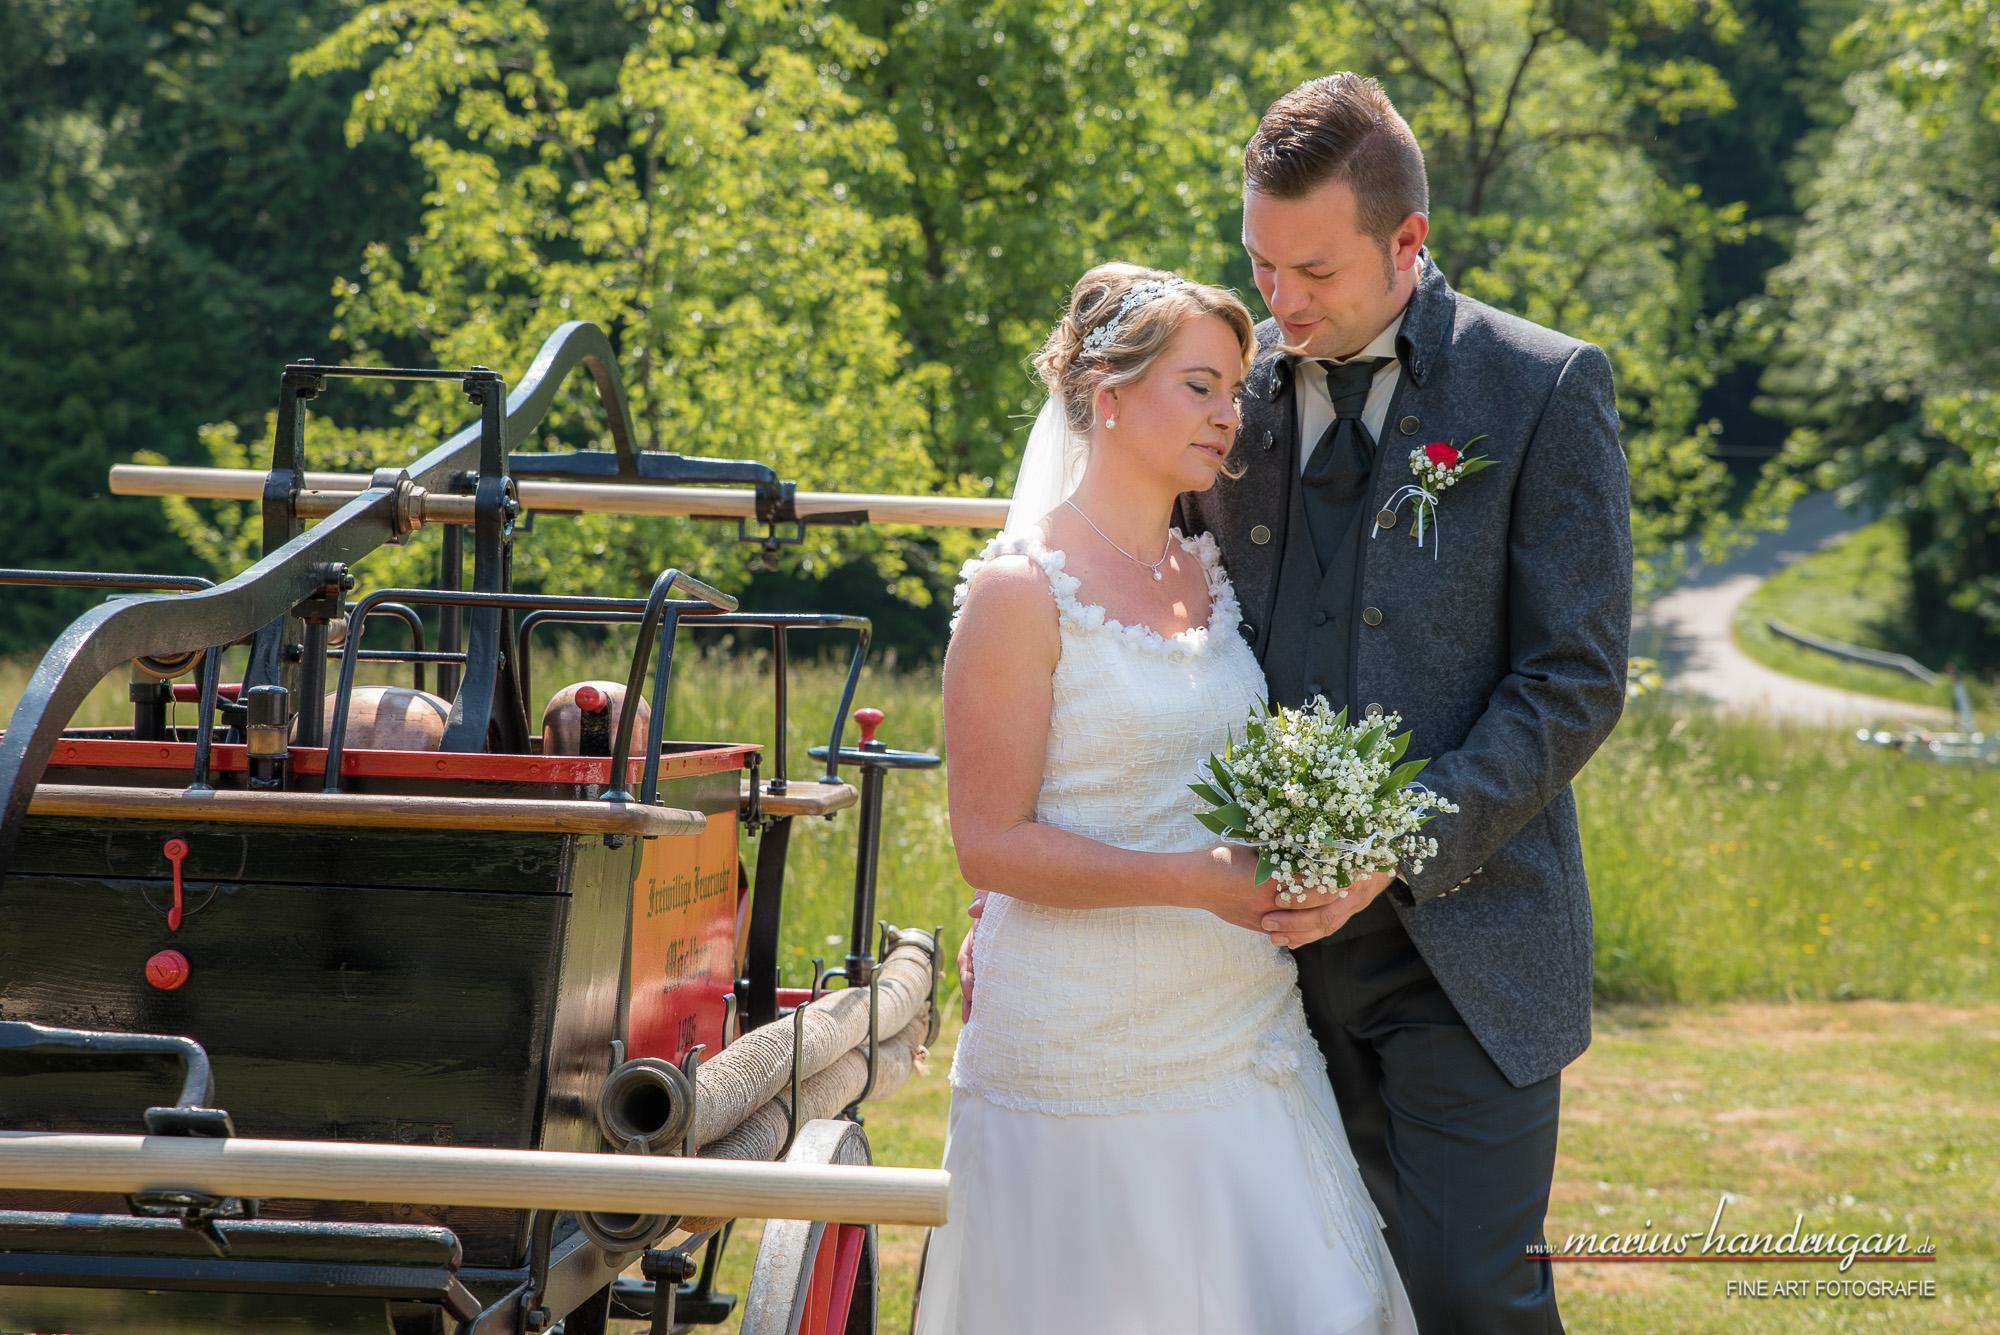 Schöne Hochzeitsbilder